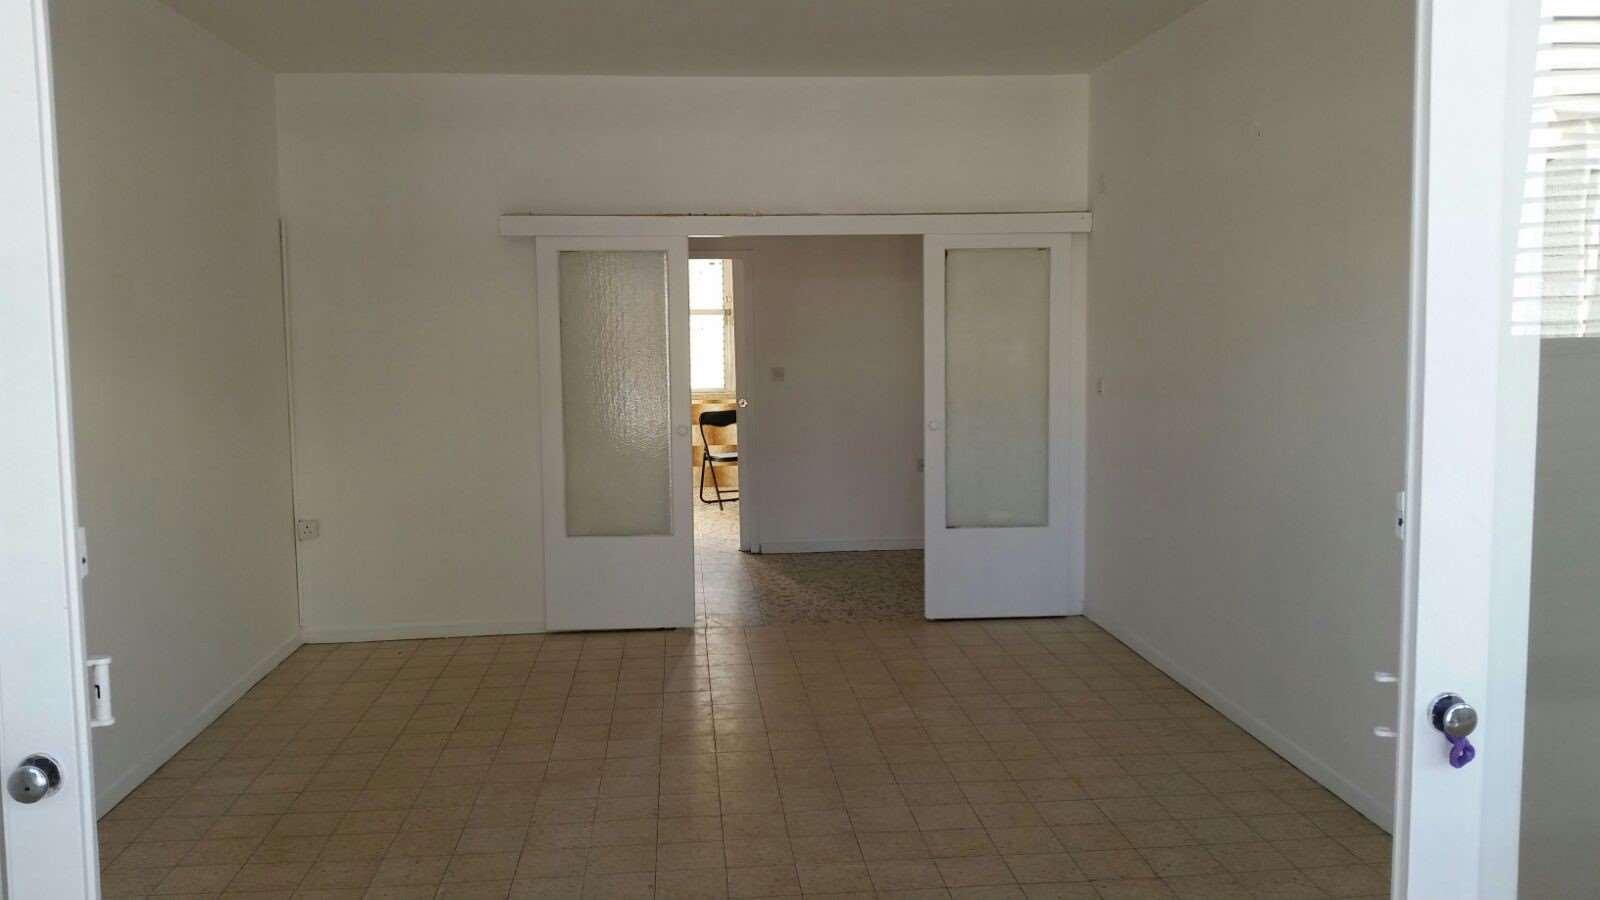 דירה להשכרה 3 חדרים ברחובות נורדאו מרכז העיר